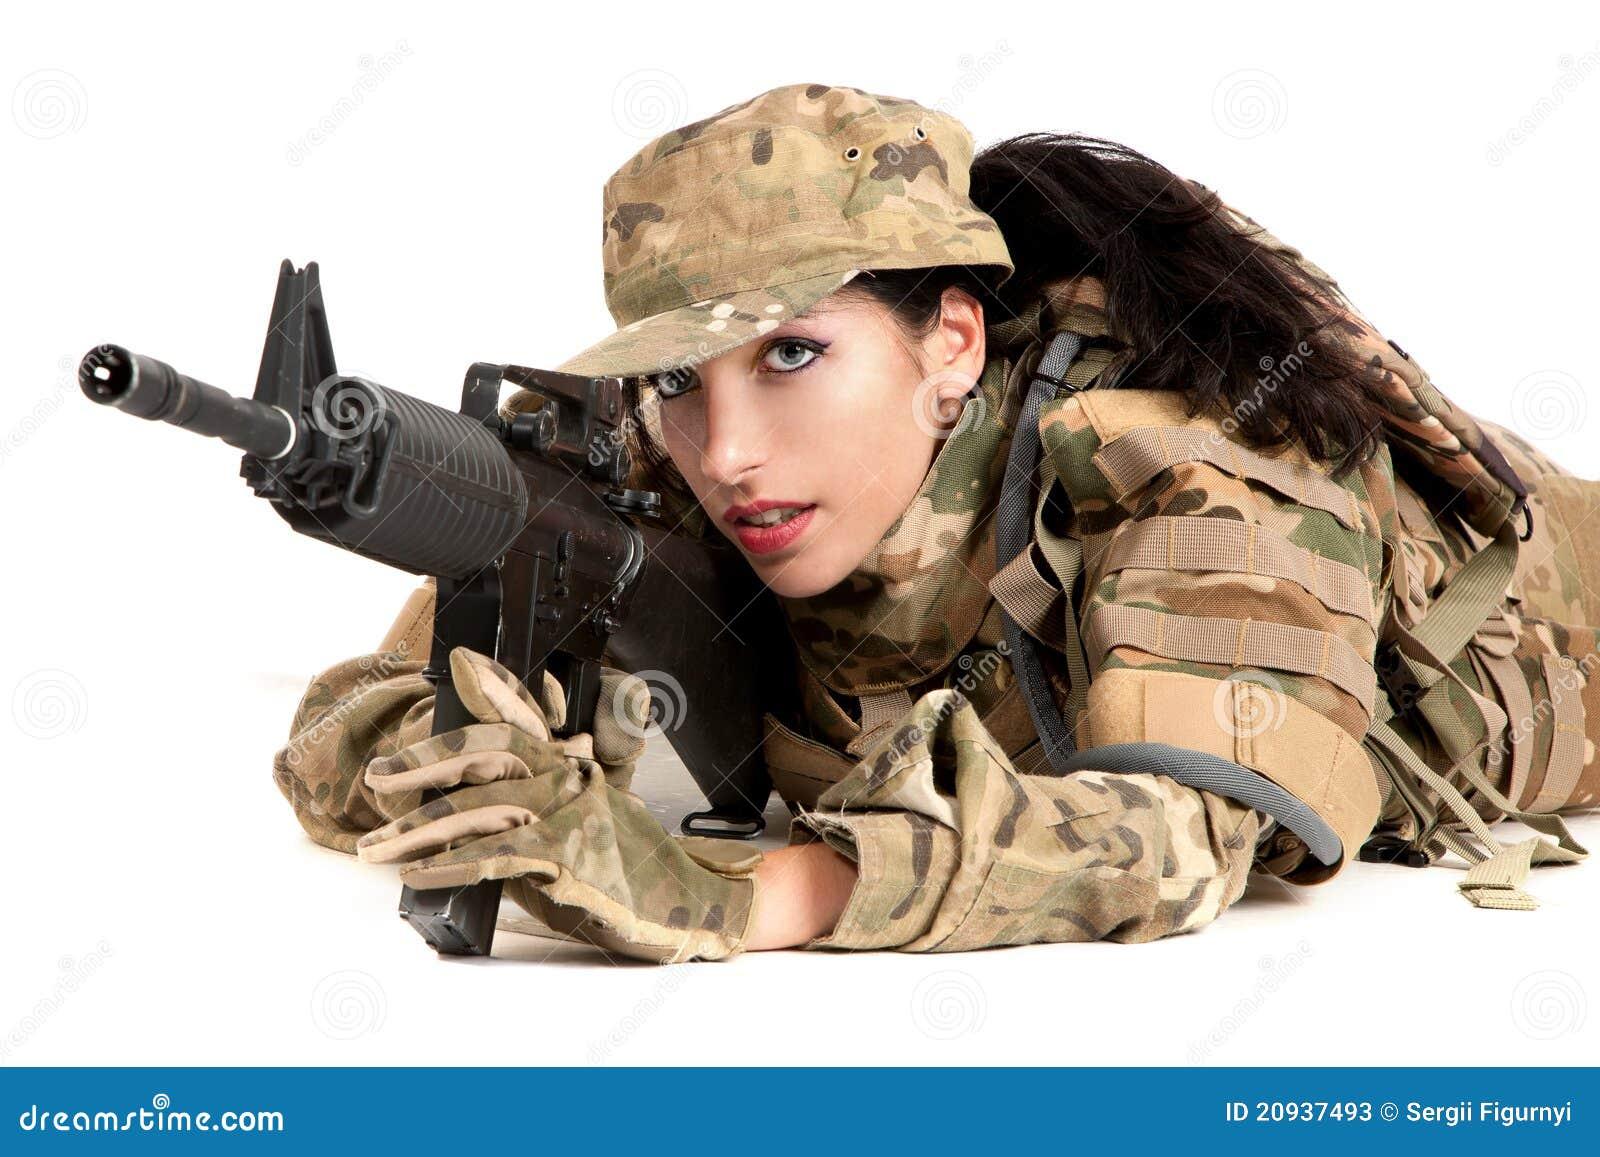 Filme Armeemädchen Bilder